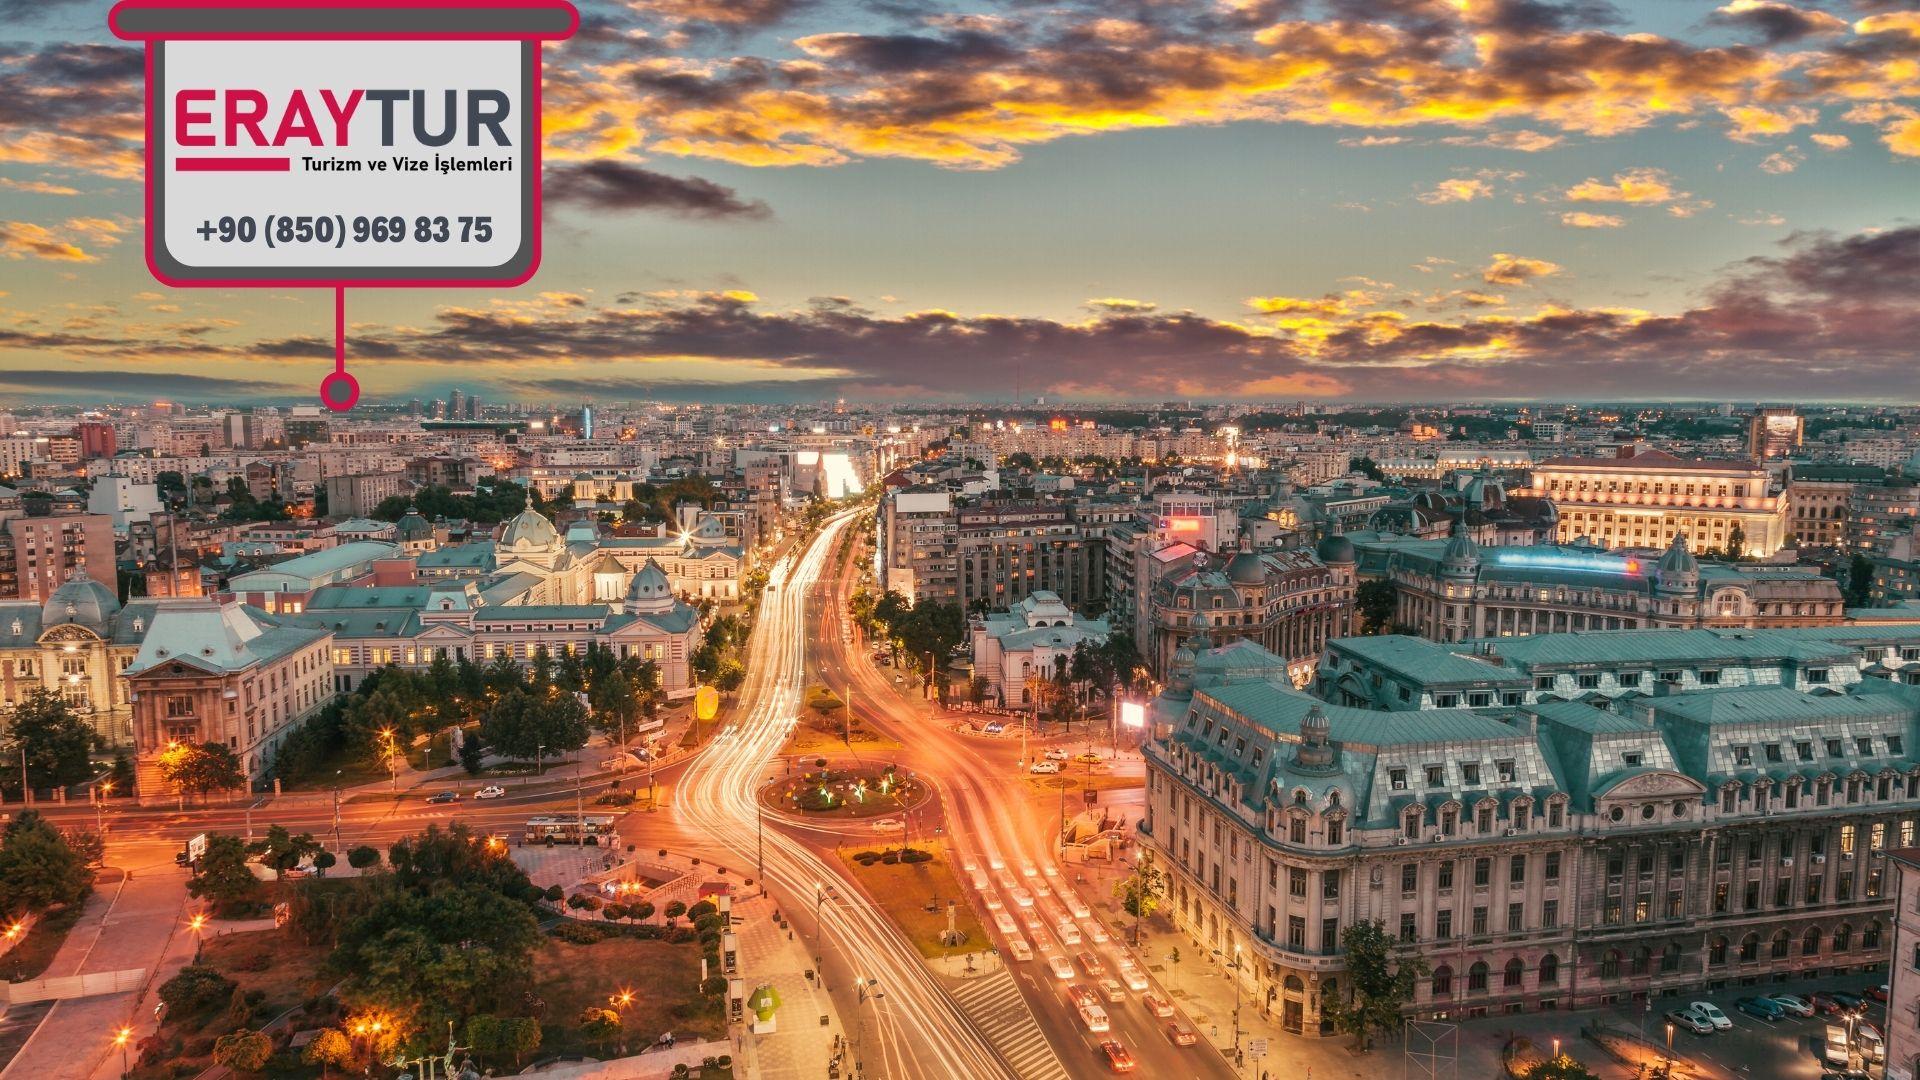 Romanya Kısa Süreli C Tipi Vizeler İçin İstenen Belgeler-Romanya Vize Evrakları